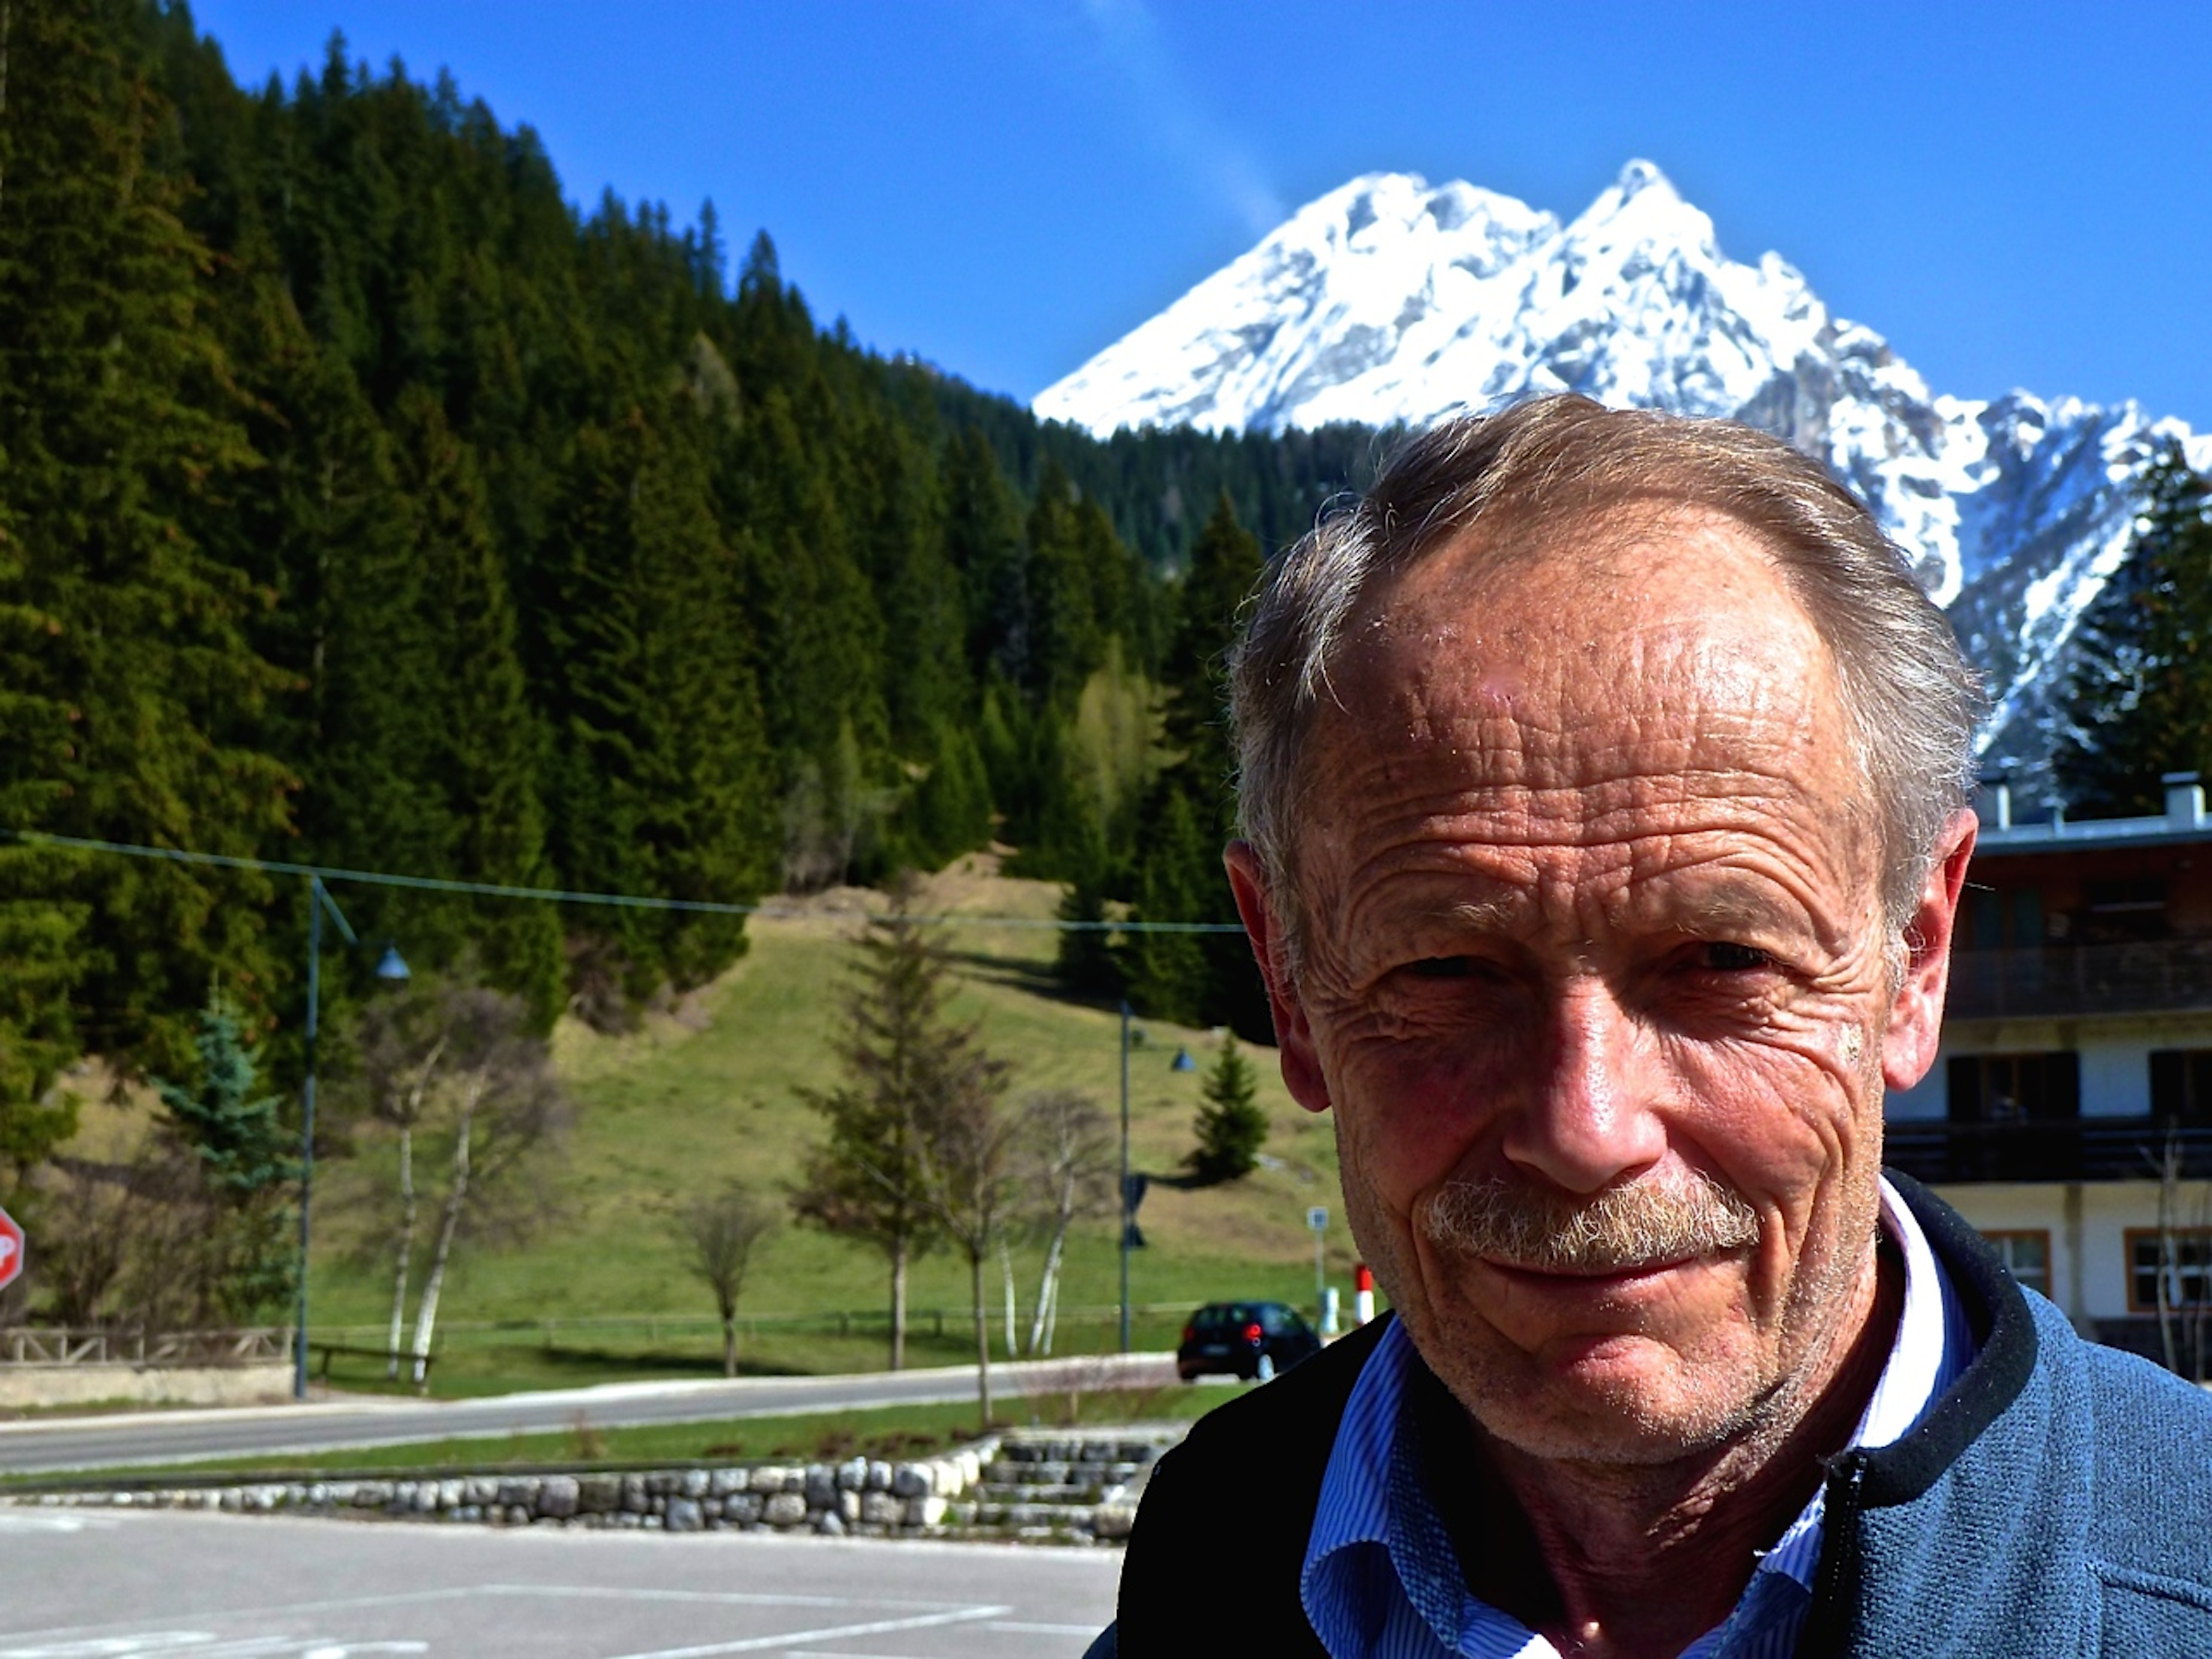 """""""Utopia della natura"""" sarà il tema della sesta edizione degli Eventi letterari Monte Verità, che si svolgeranno dal 22 al 25 marzo 2018 al Monte Verità."""